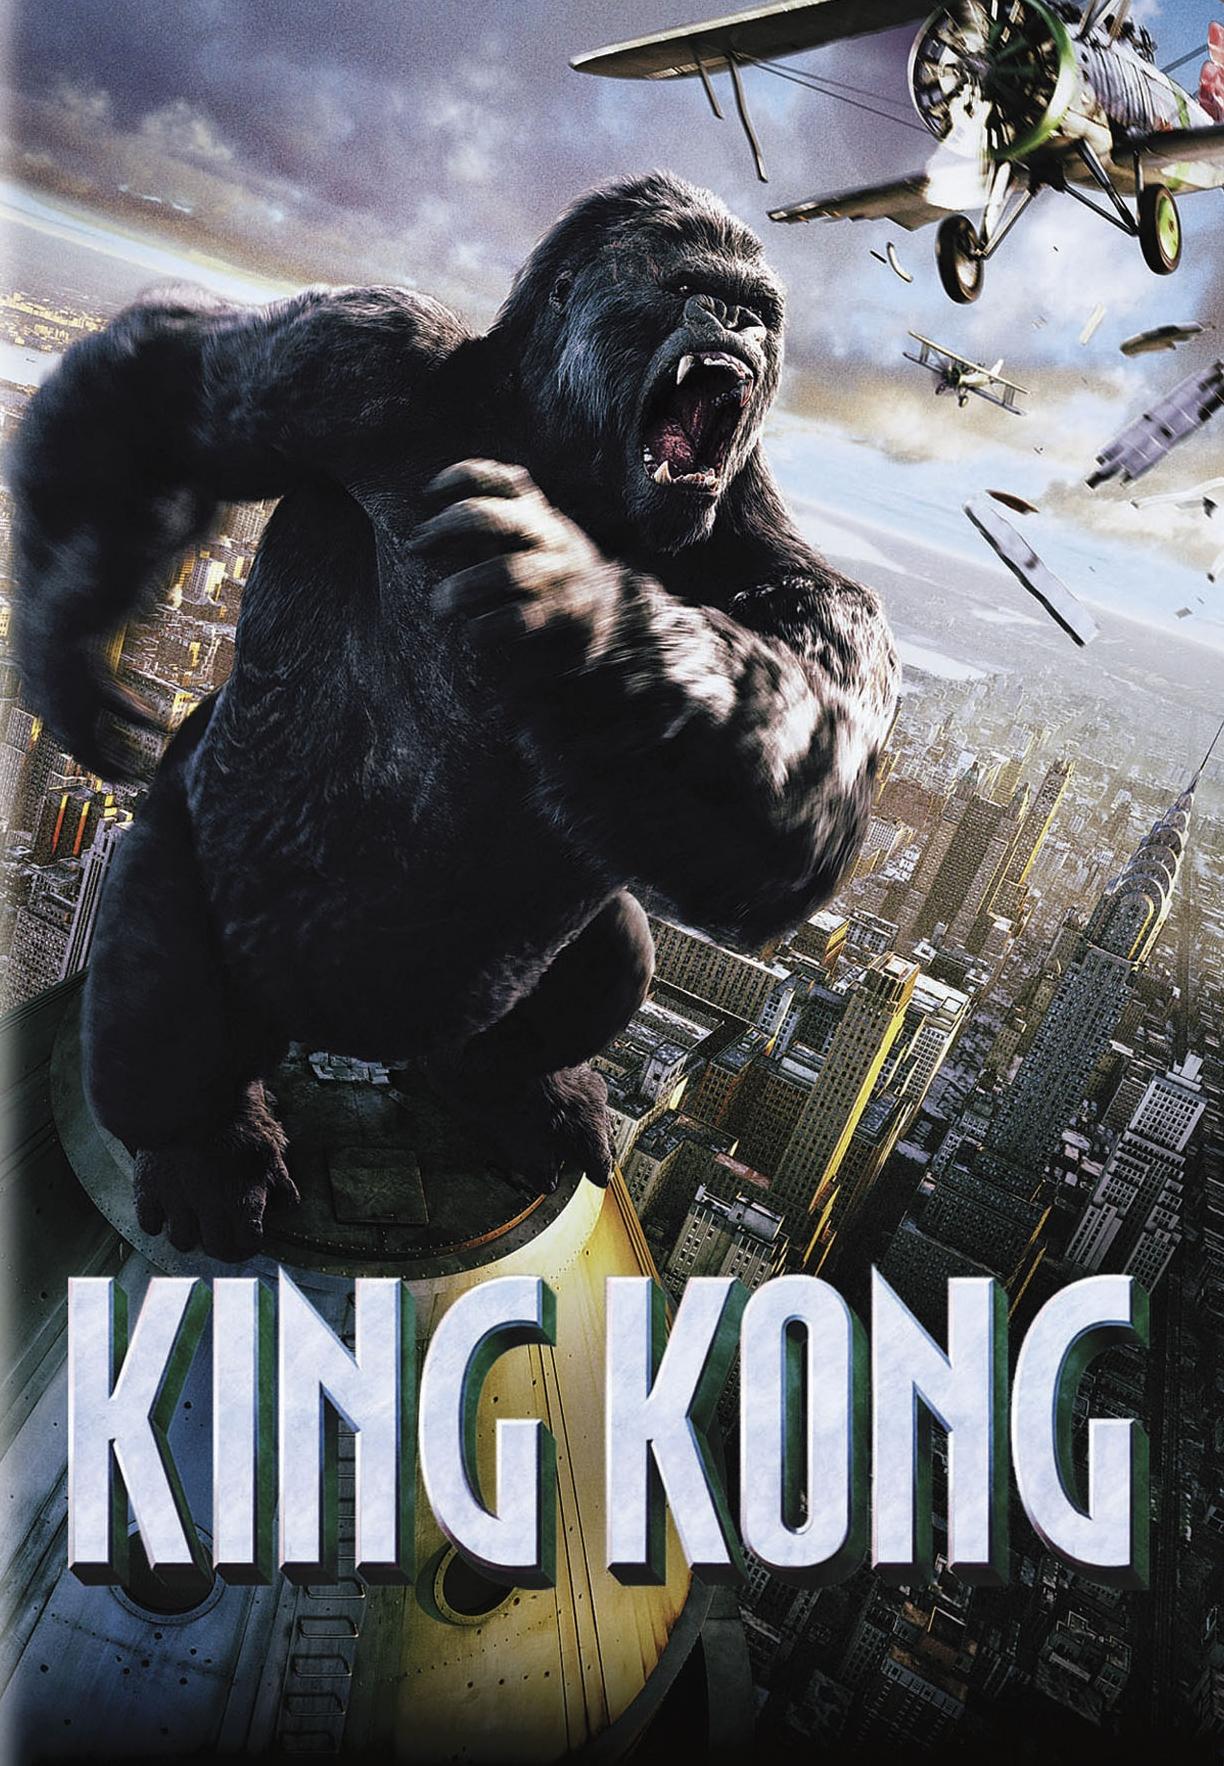 kingkong2.jpeg